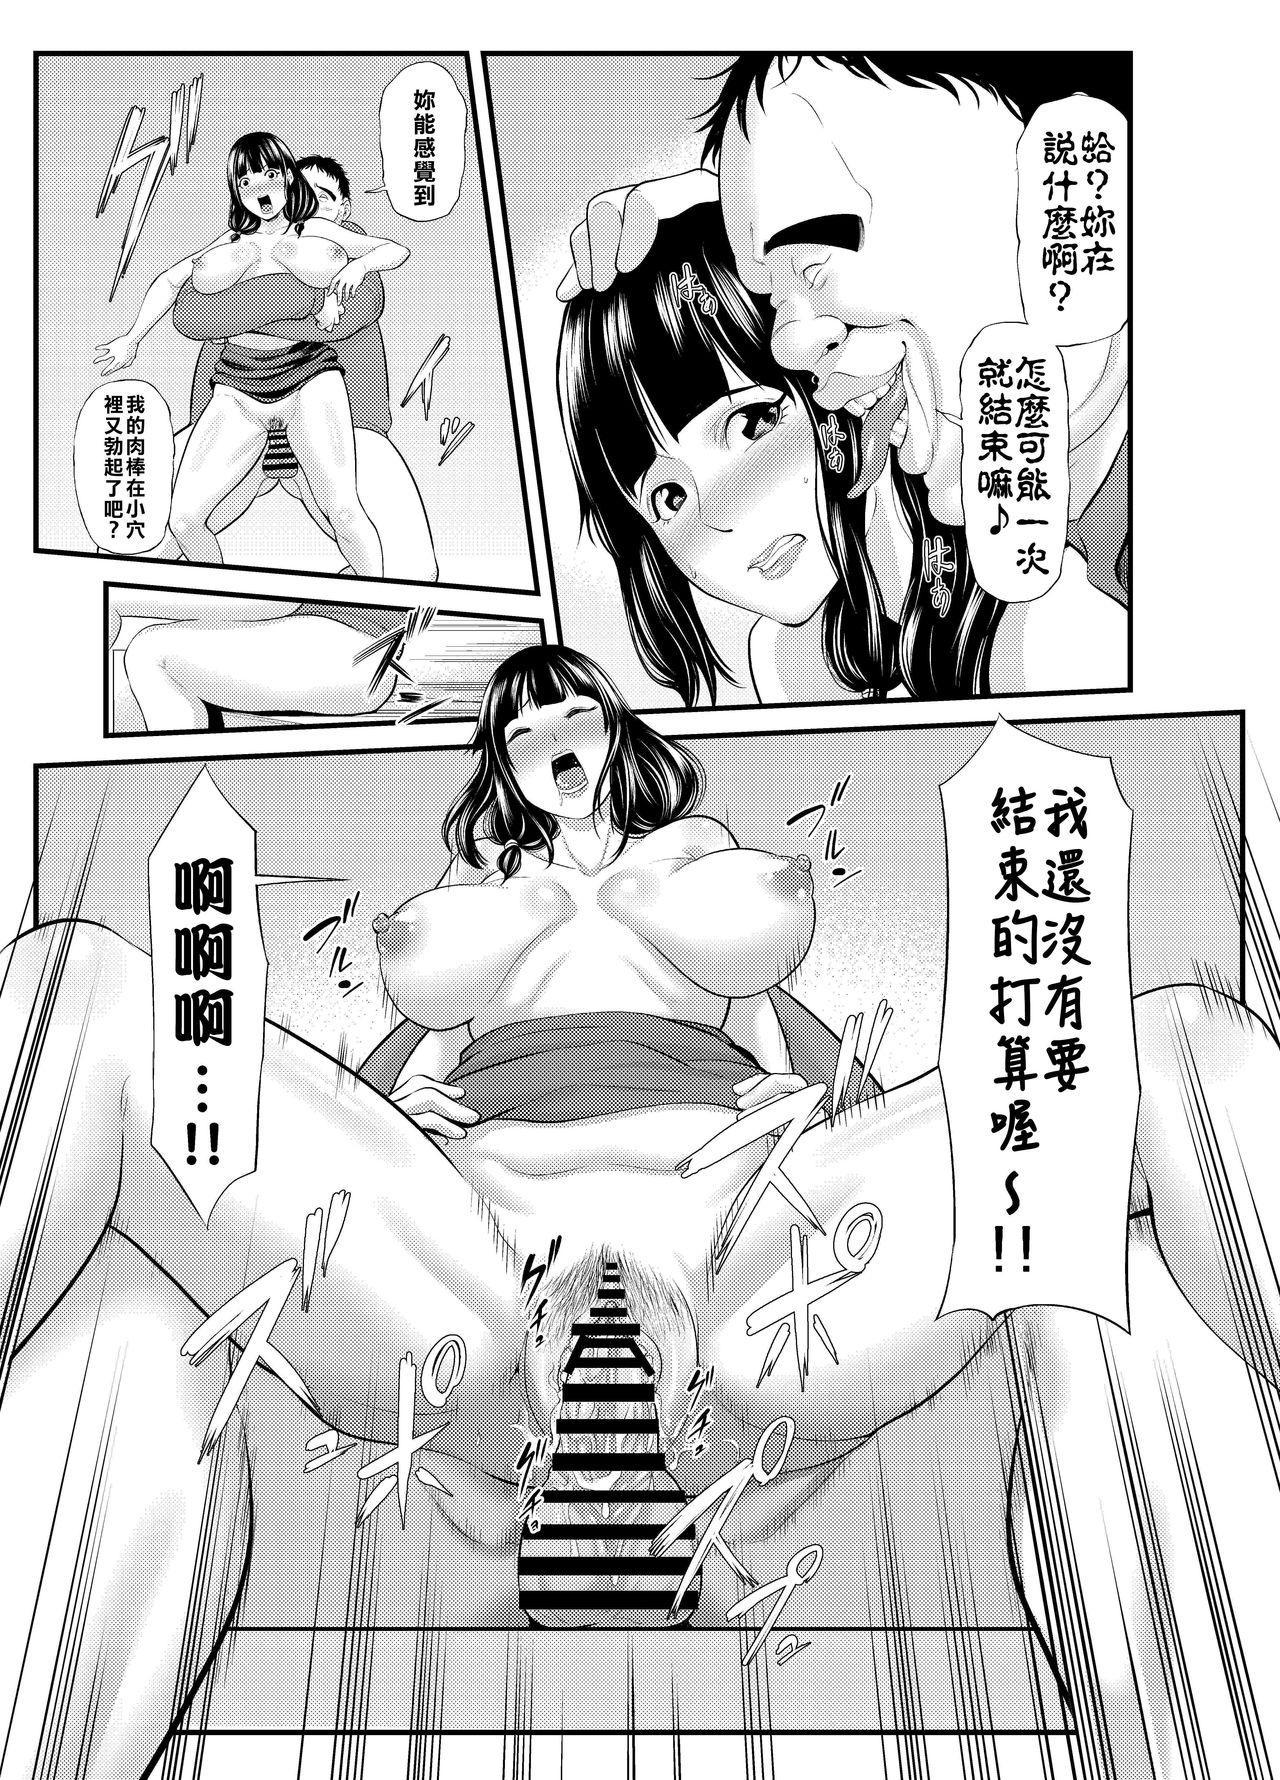 Hitozuma ni Koi Shita Boku wa, Hitozuma no Yowami o Nigitte...   愛上人妻的我,抓到了人妻的小辮子… 15